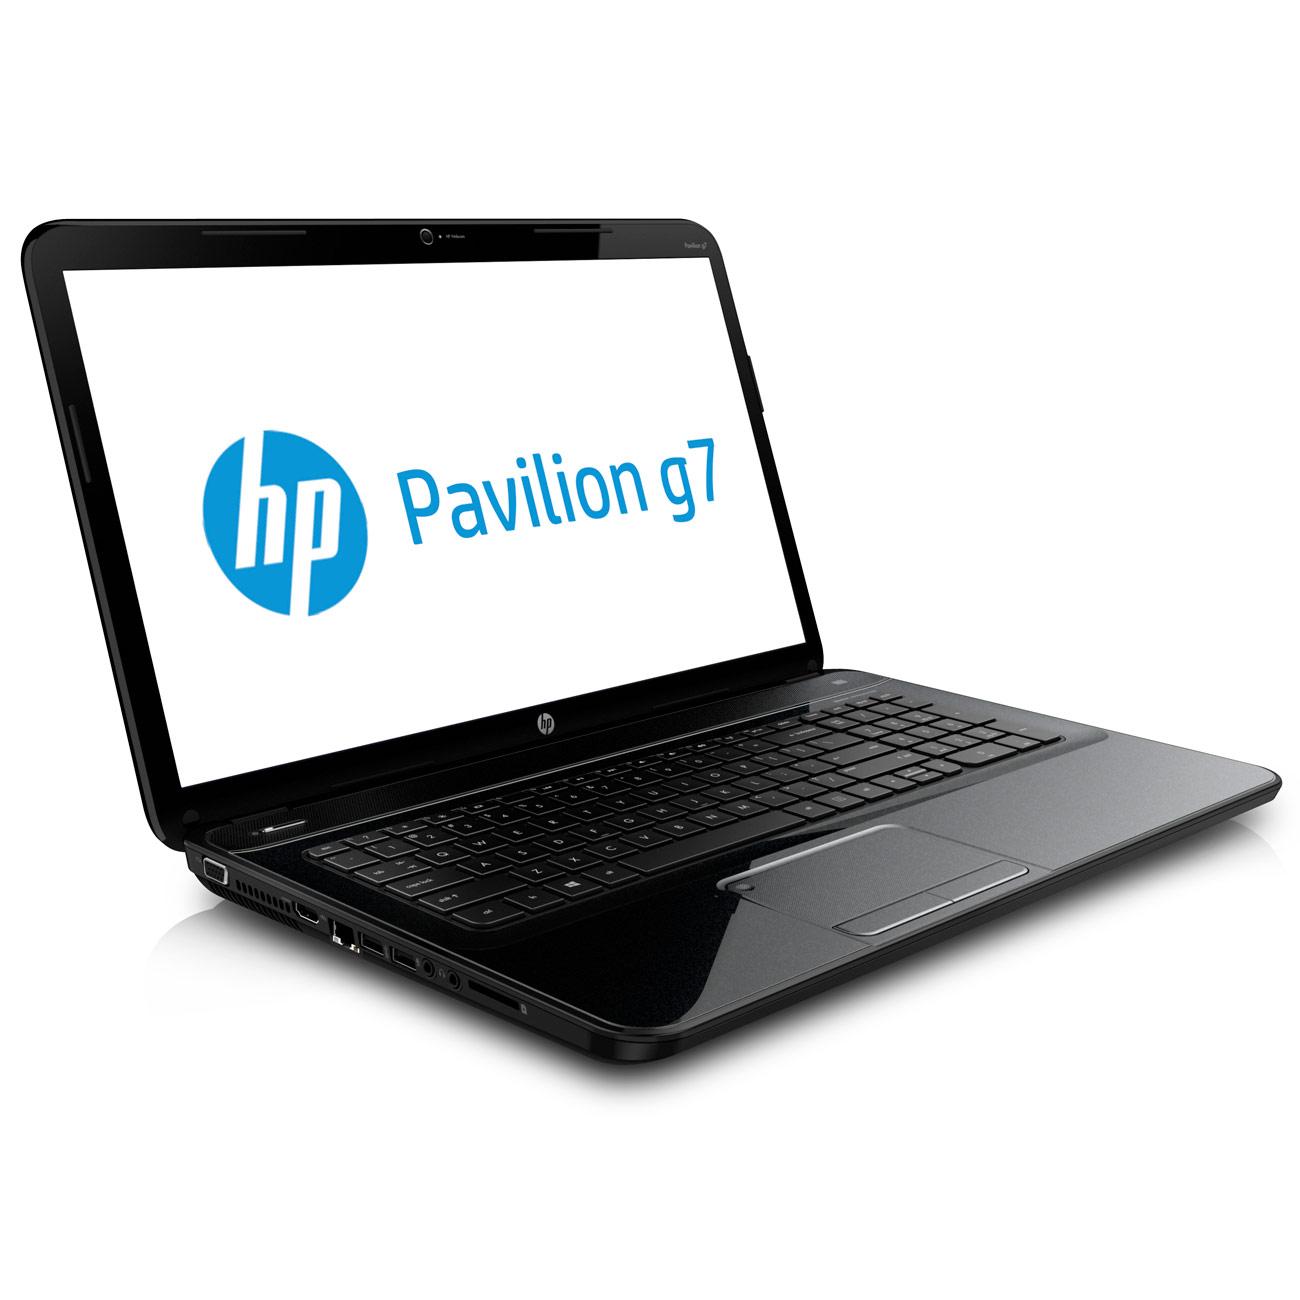 """PC portable HP Pavilion g7-2242sf (C1S68EA) Intel Pentium B980 4 Go 750 Go 17.3"""" LED Graveur DVD Wi-Fi N Webcam Windows 8 64 bits"""